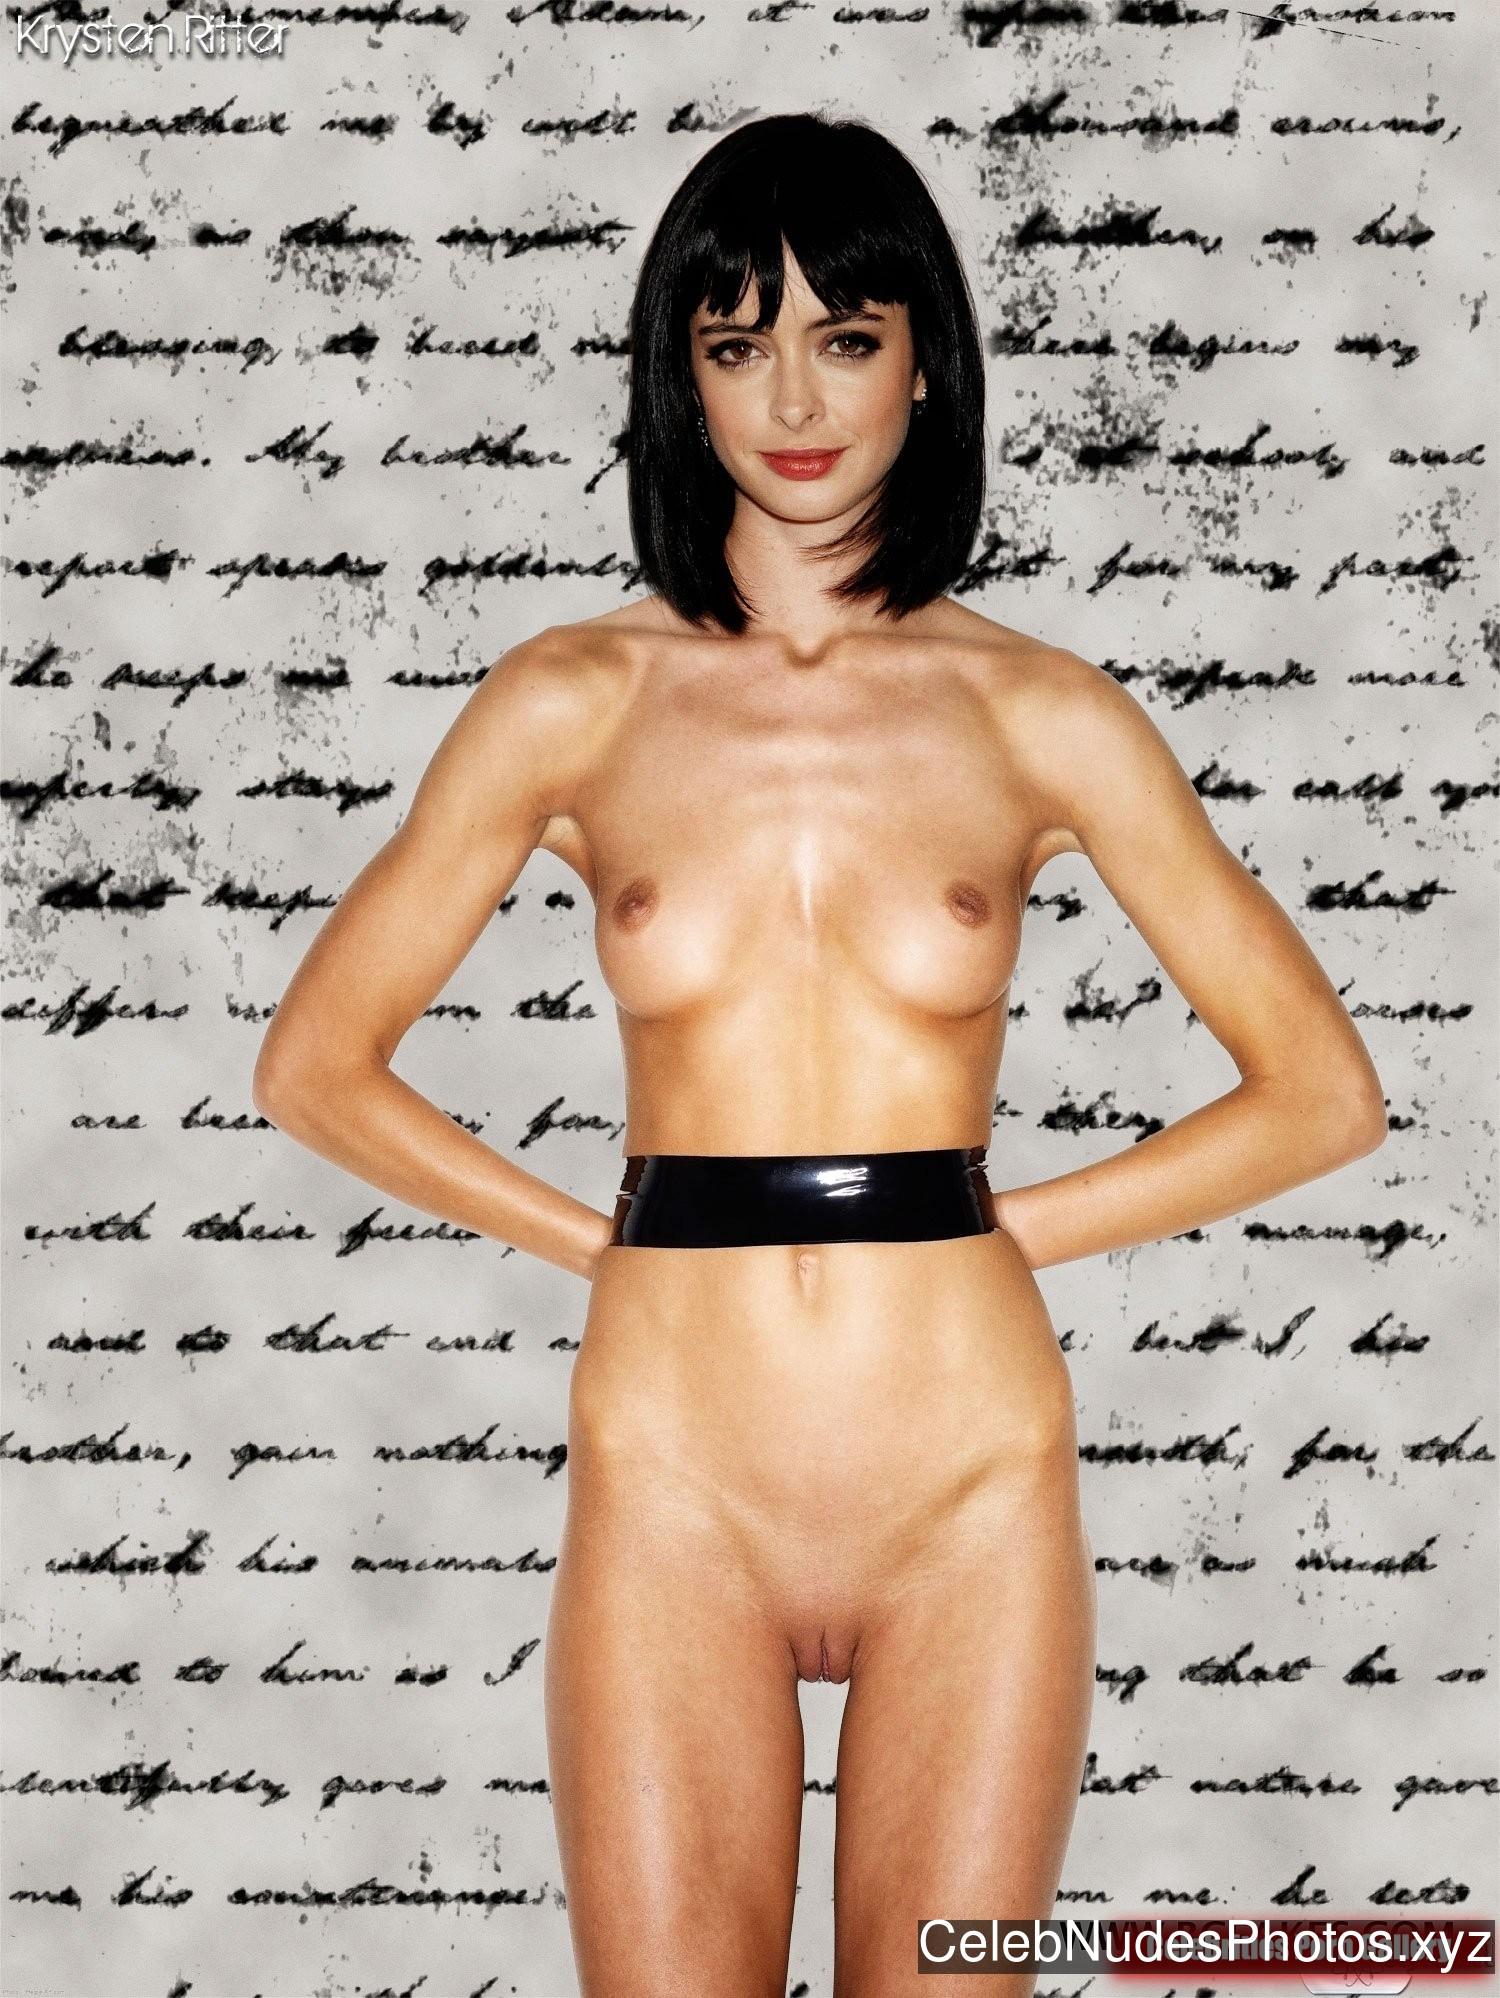 Krysten Ritter Famous Nude sexy 29